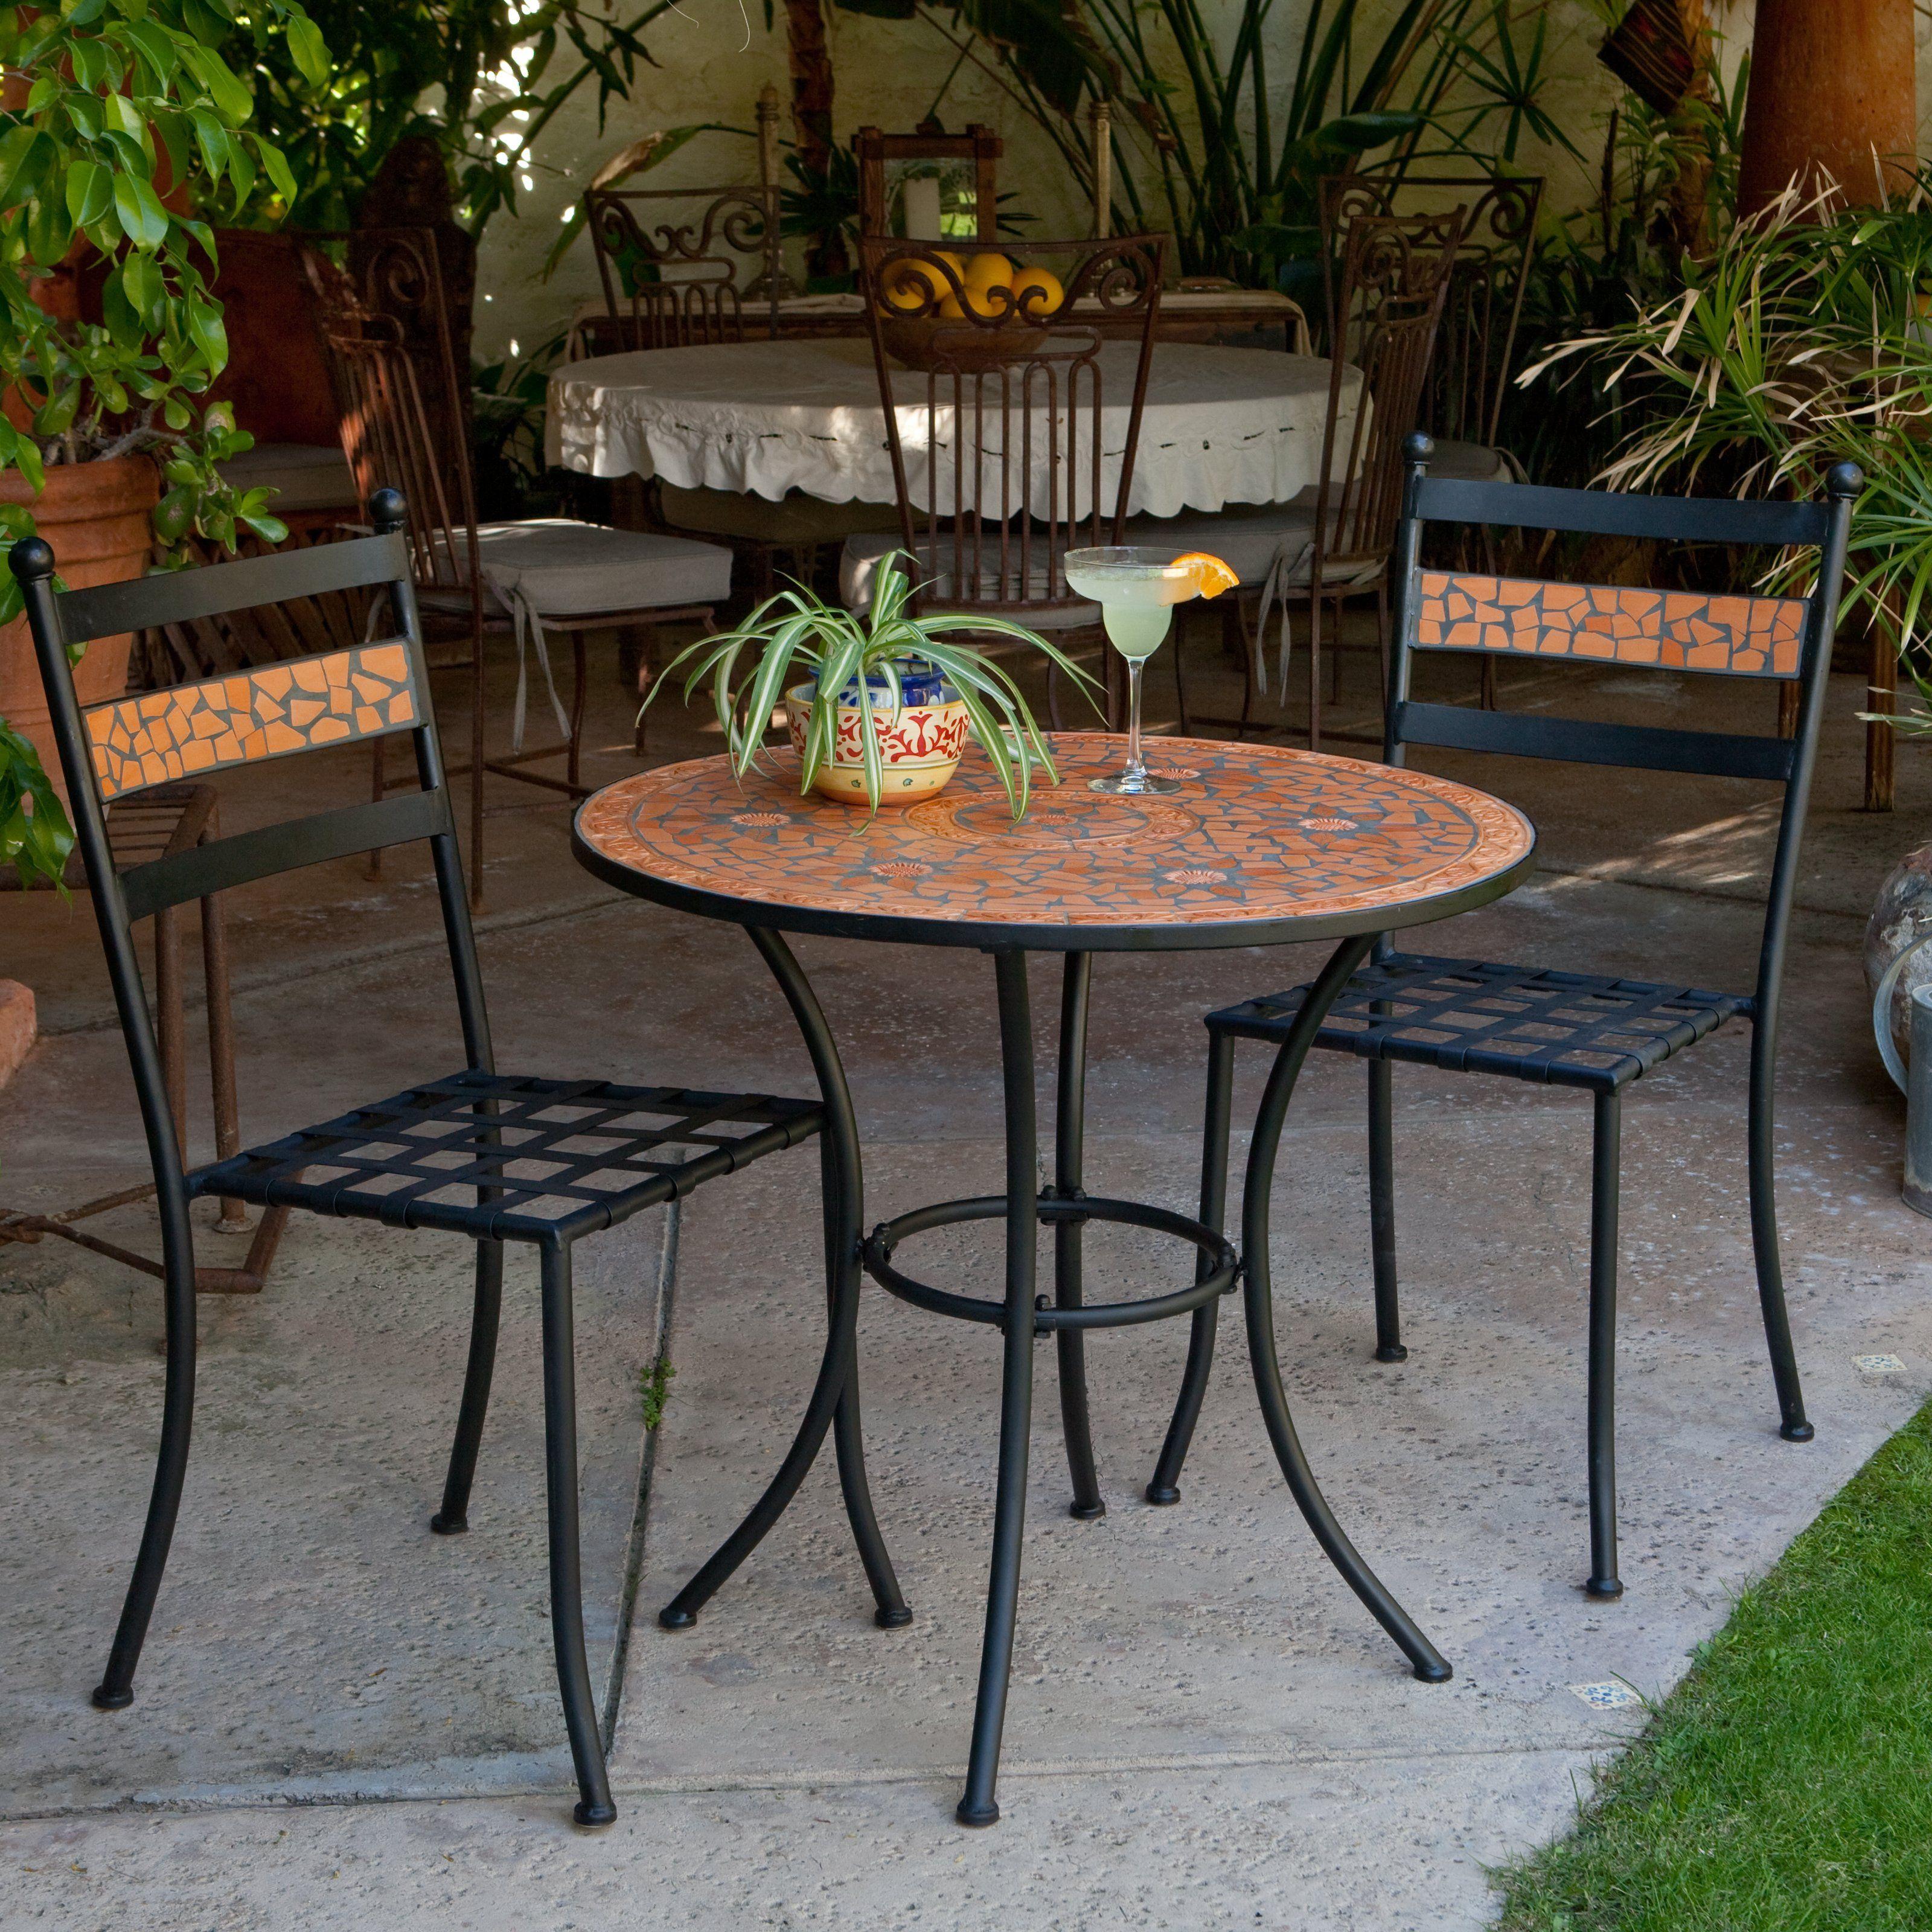 Coral coast terra cotta mosaic bistro set outdoor bistro sets at hayneedle